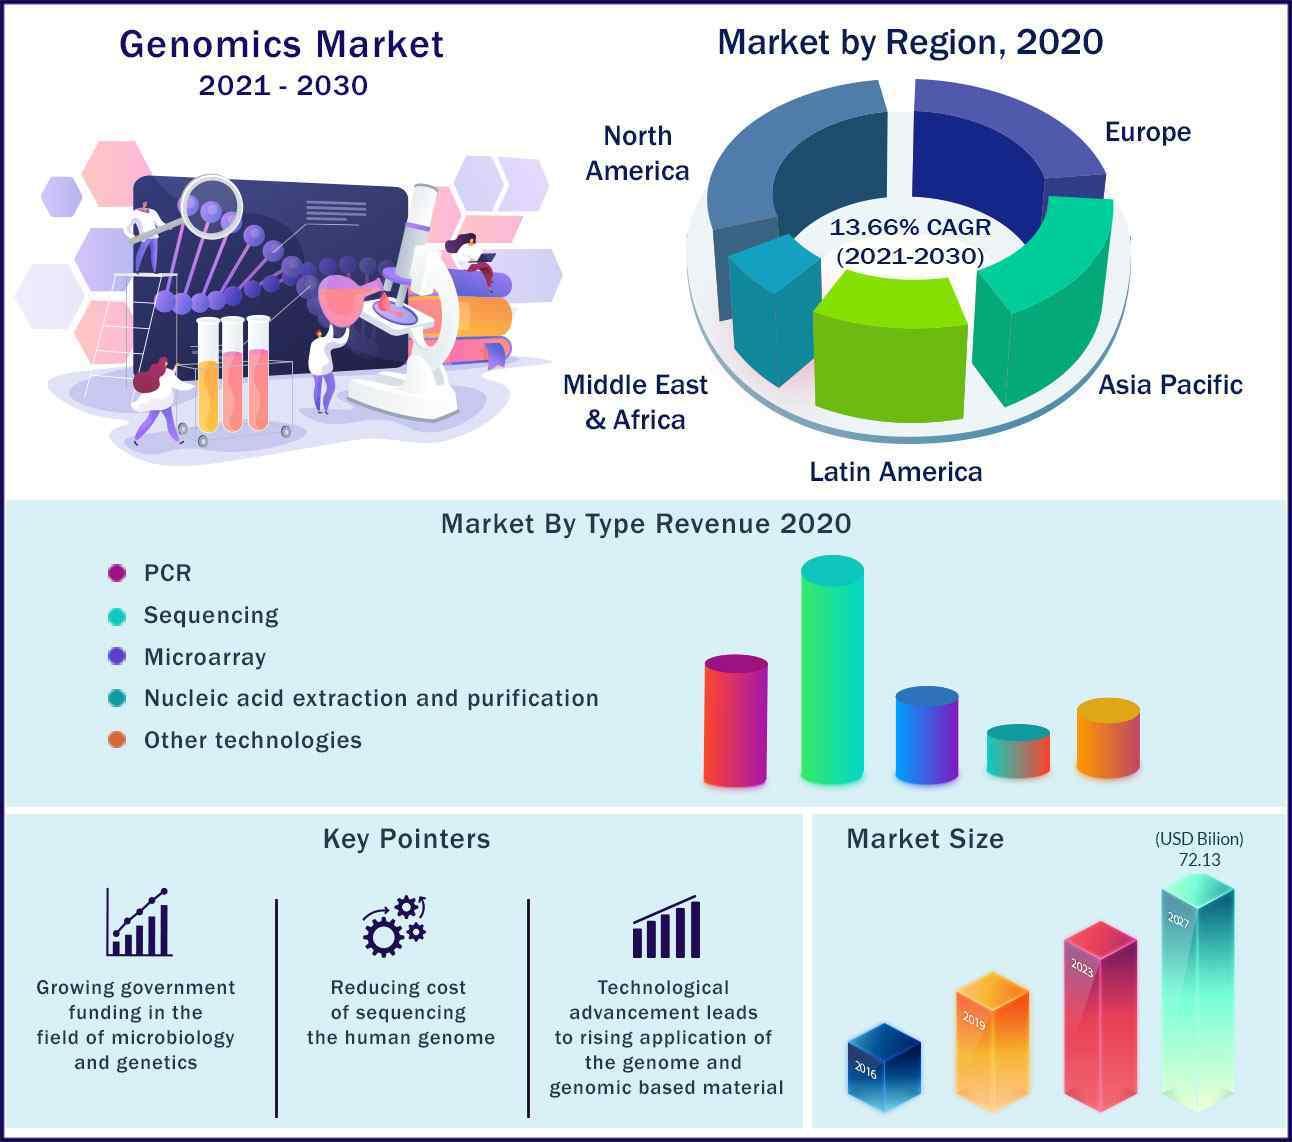 Global Genomics Market 2021 to 2030